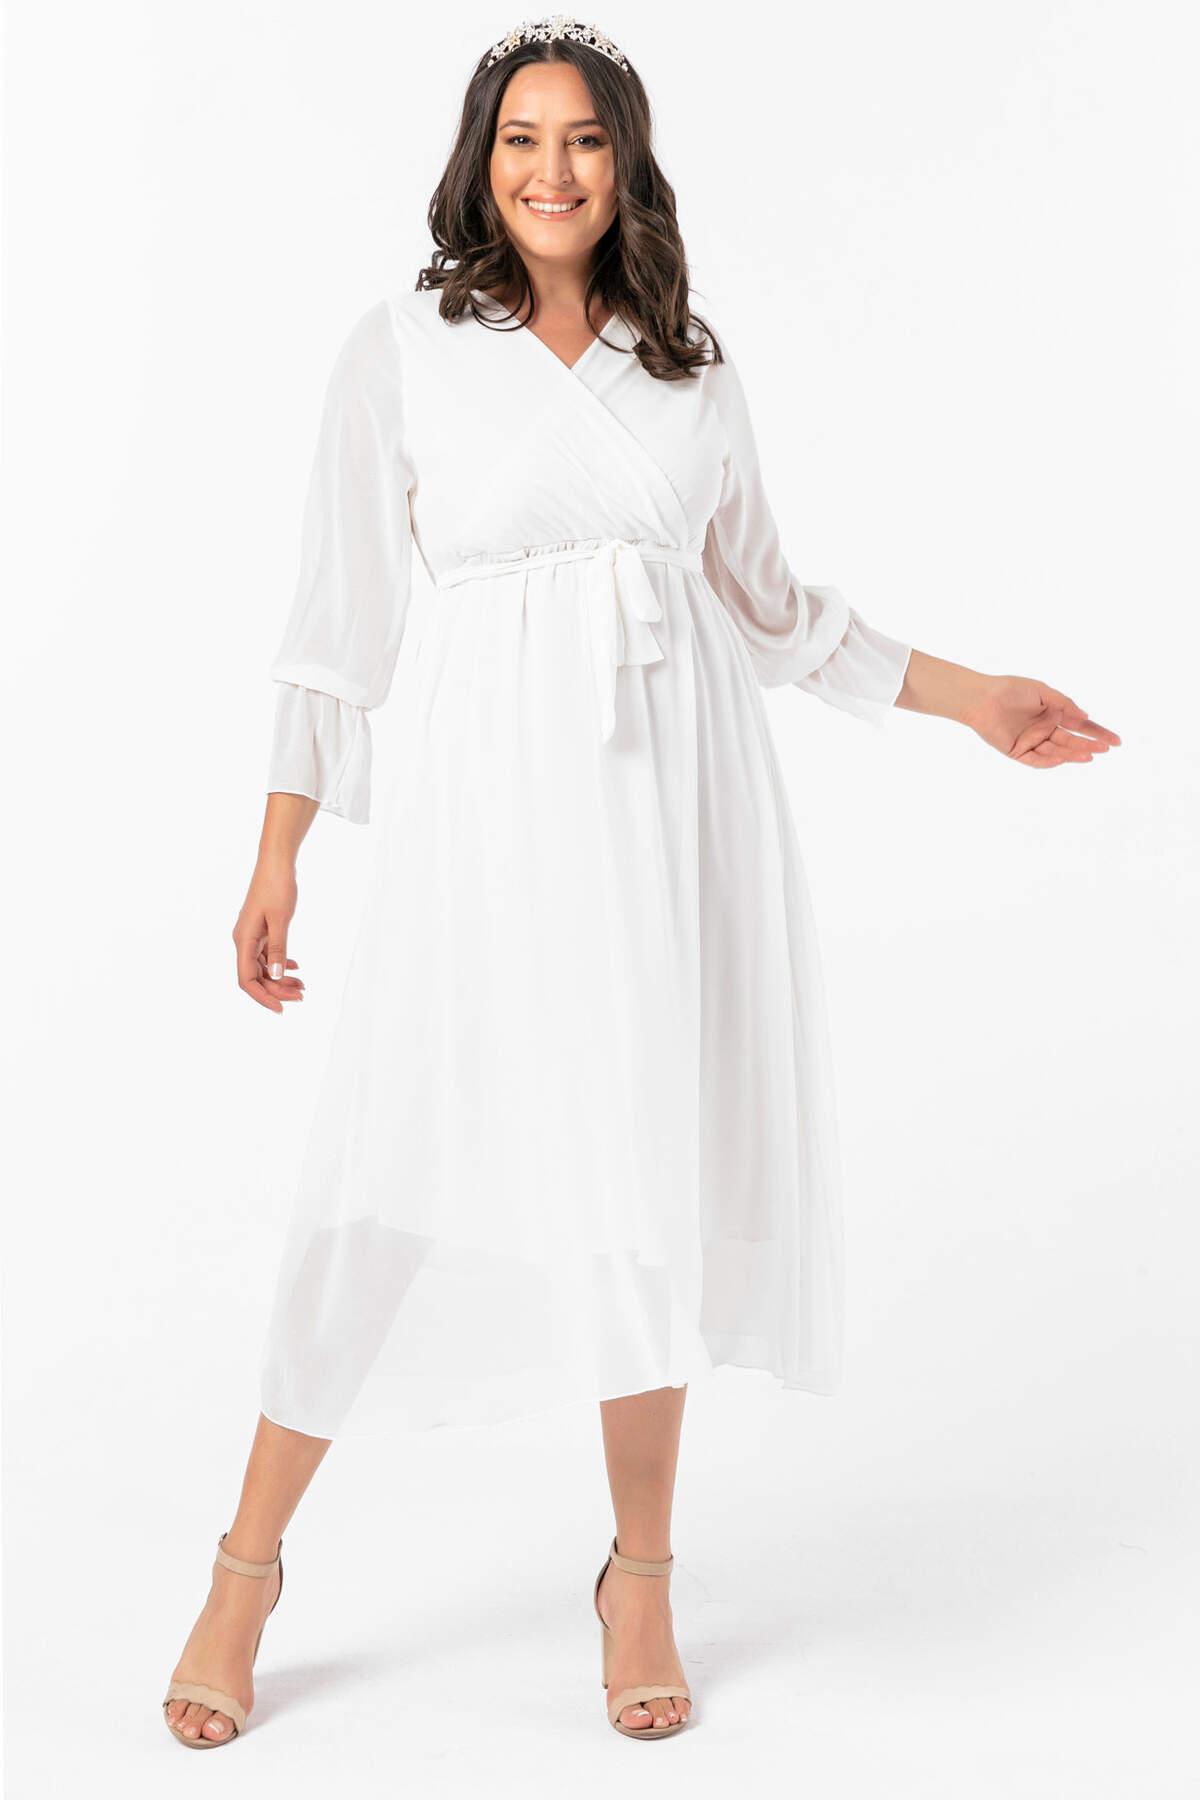 Angelino Büyük Beden Kruvaze Yaka Kollu Şifon Elbise nv4001 Beyaz